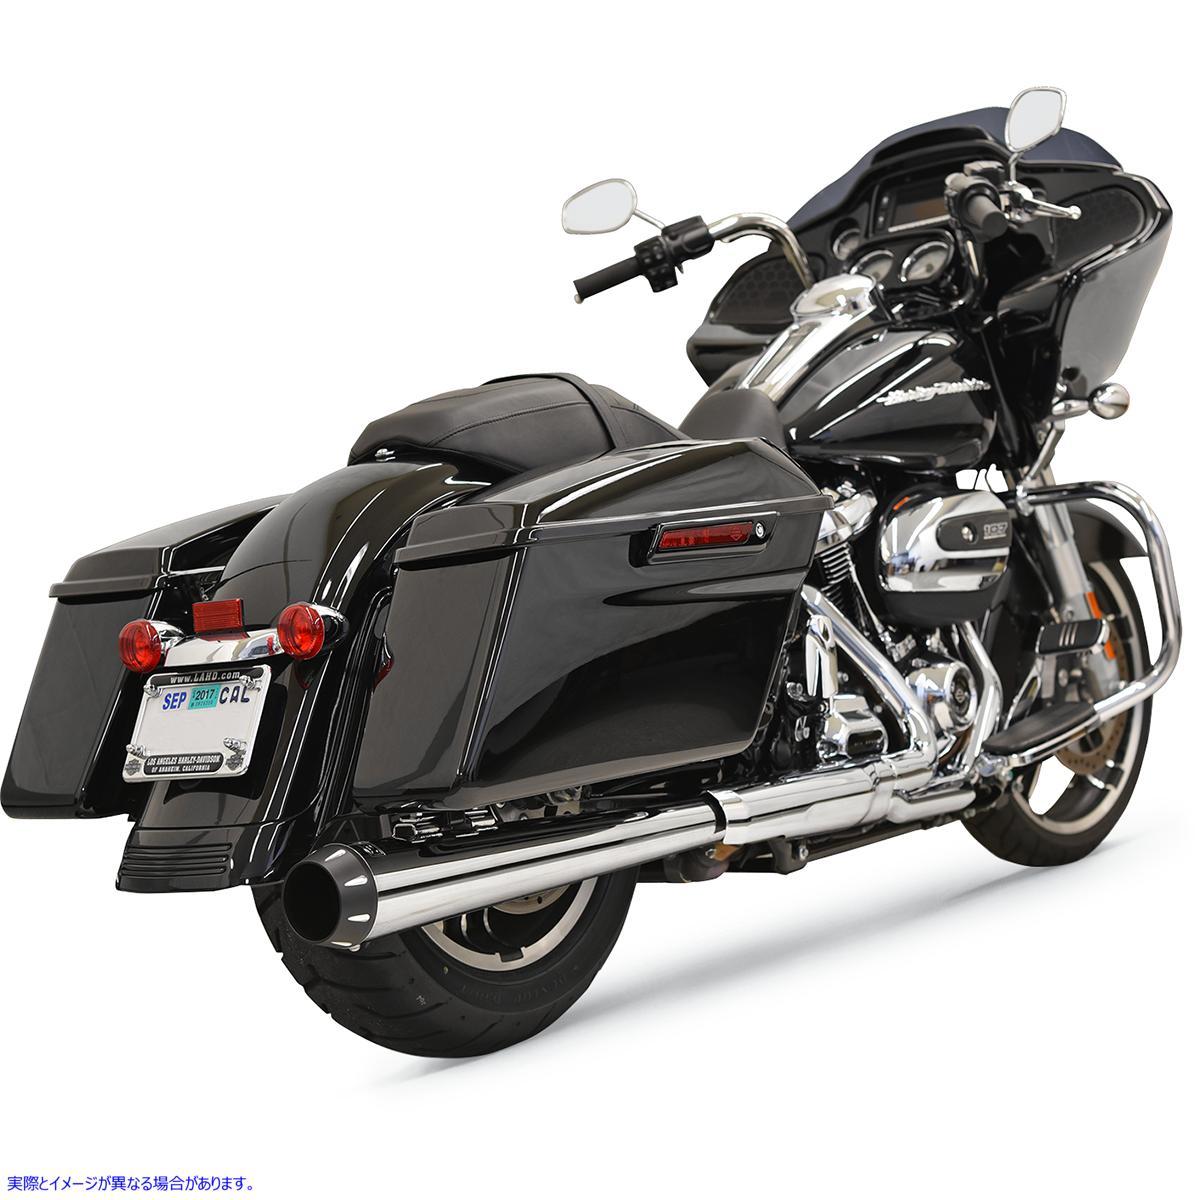 【取寄せ】 1F17R BASSANI XHAUST 2:1 Muffler - Chrome - Megaphone - '17-'19 FL 18011159 ドラッグスペシャリティーズ 1801-1159 DRAG